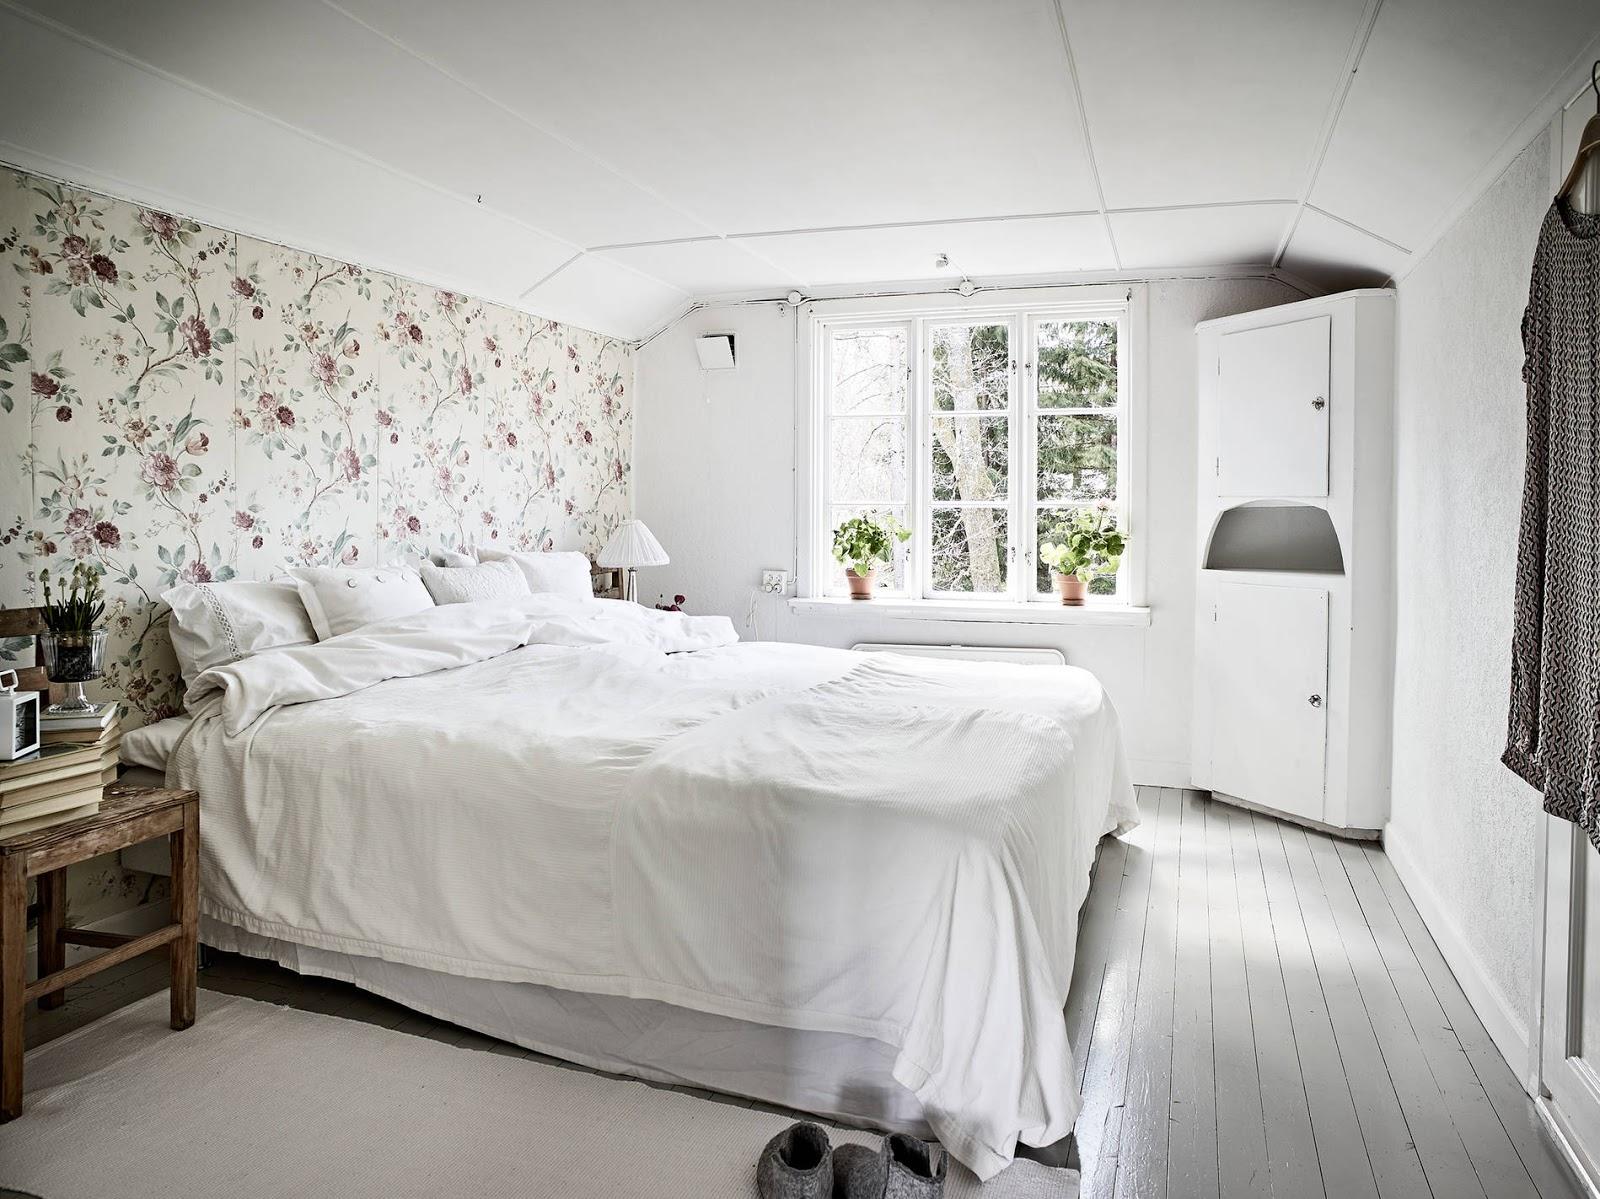 sypialnia w stylu wiejskim, sypialnia rustykanlna, styl rustykalny, tapeta w sypialni